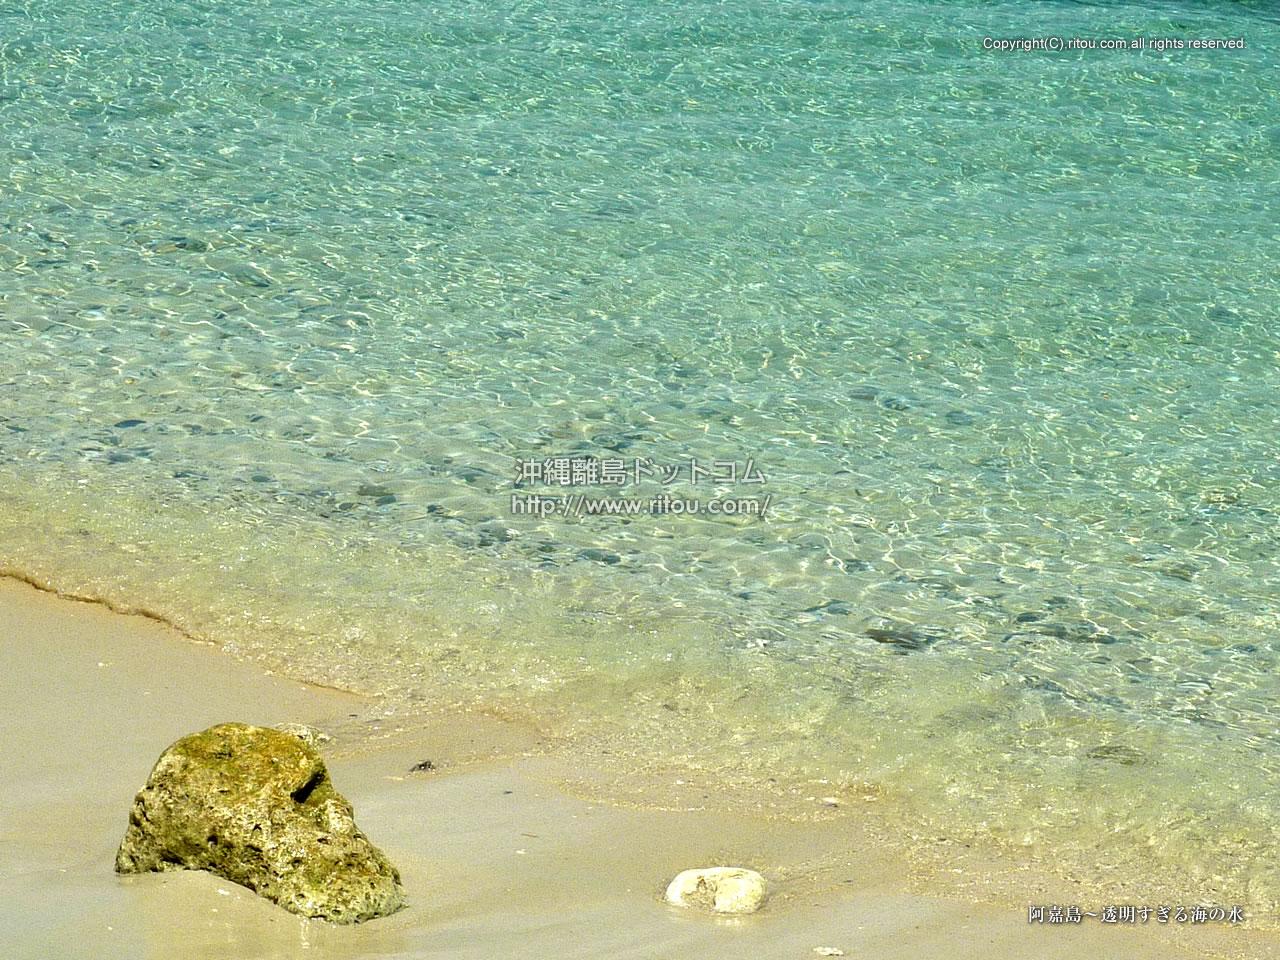 阿嘉島〜透明すぎる海の水